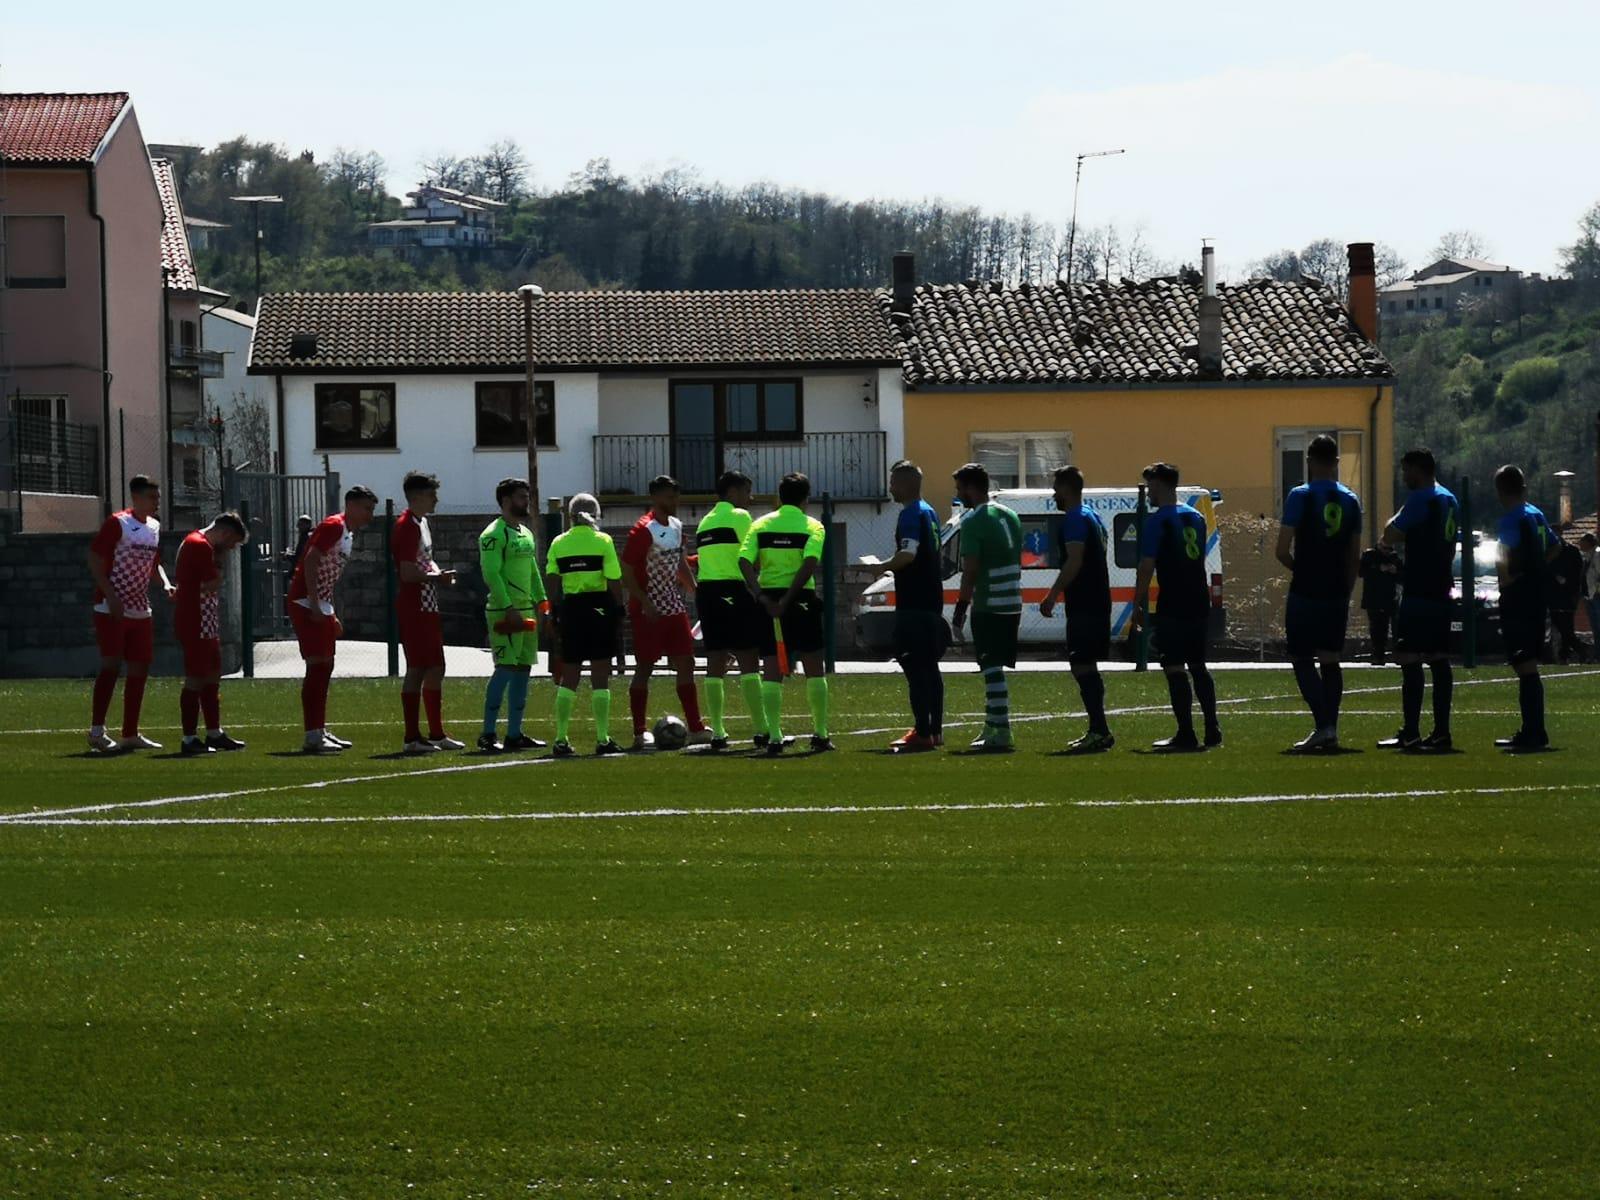 Eccellenza: il Vastogirardi corsaro anche a Riccia. 0-3 per la formazione di mister Farina.